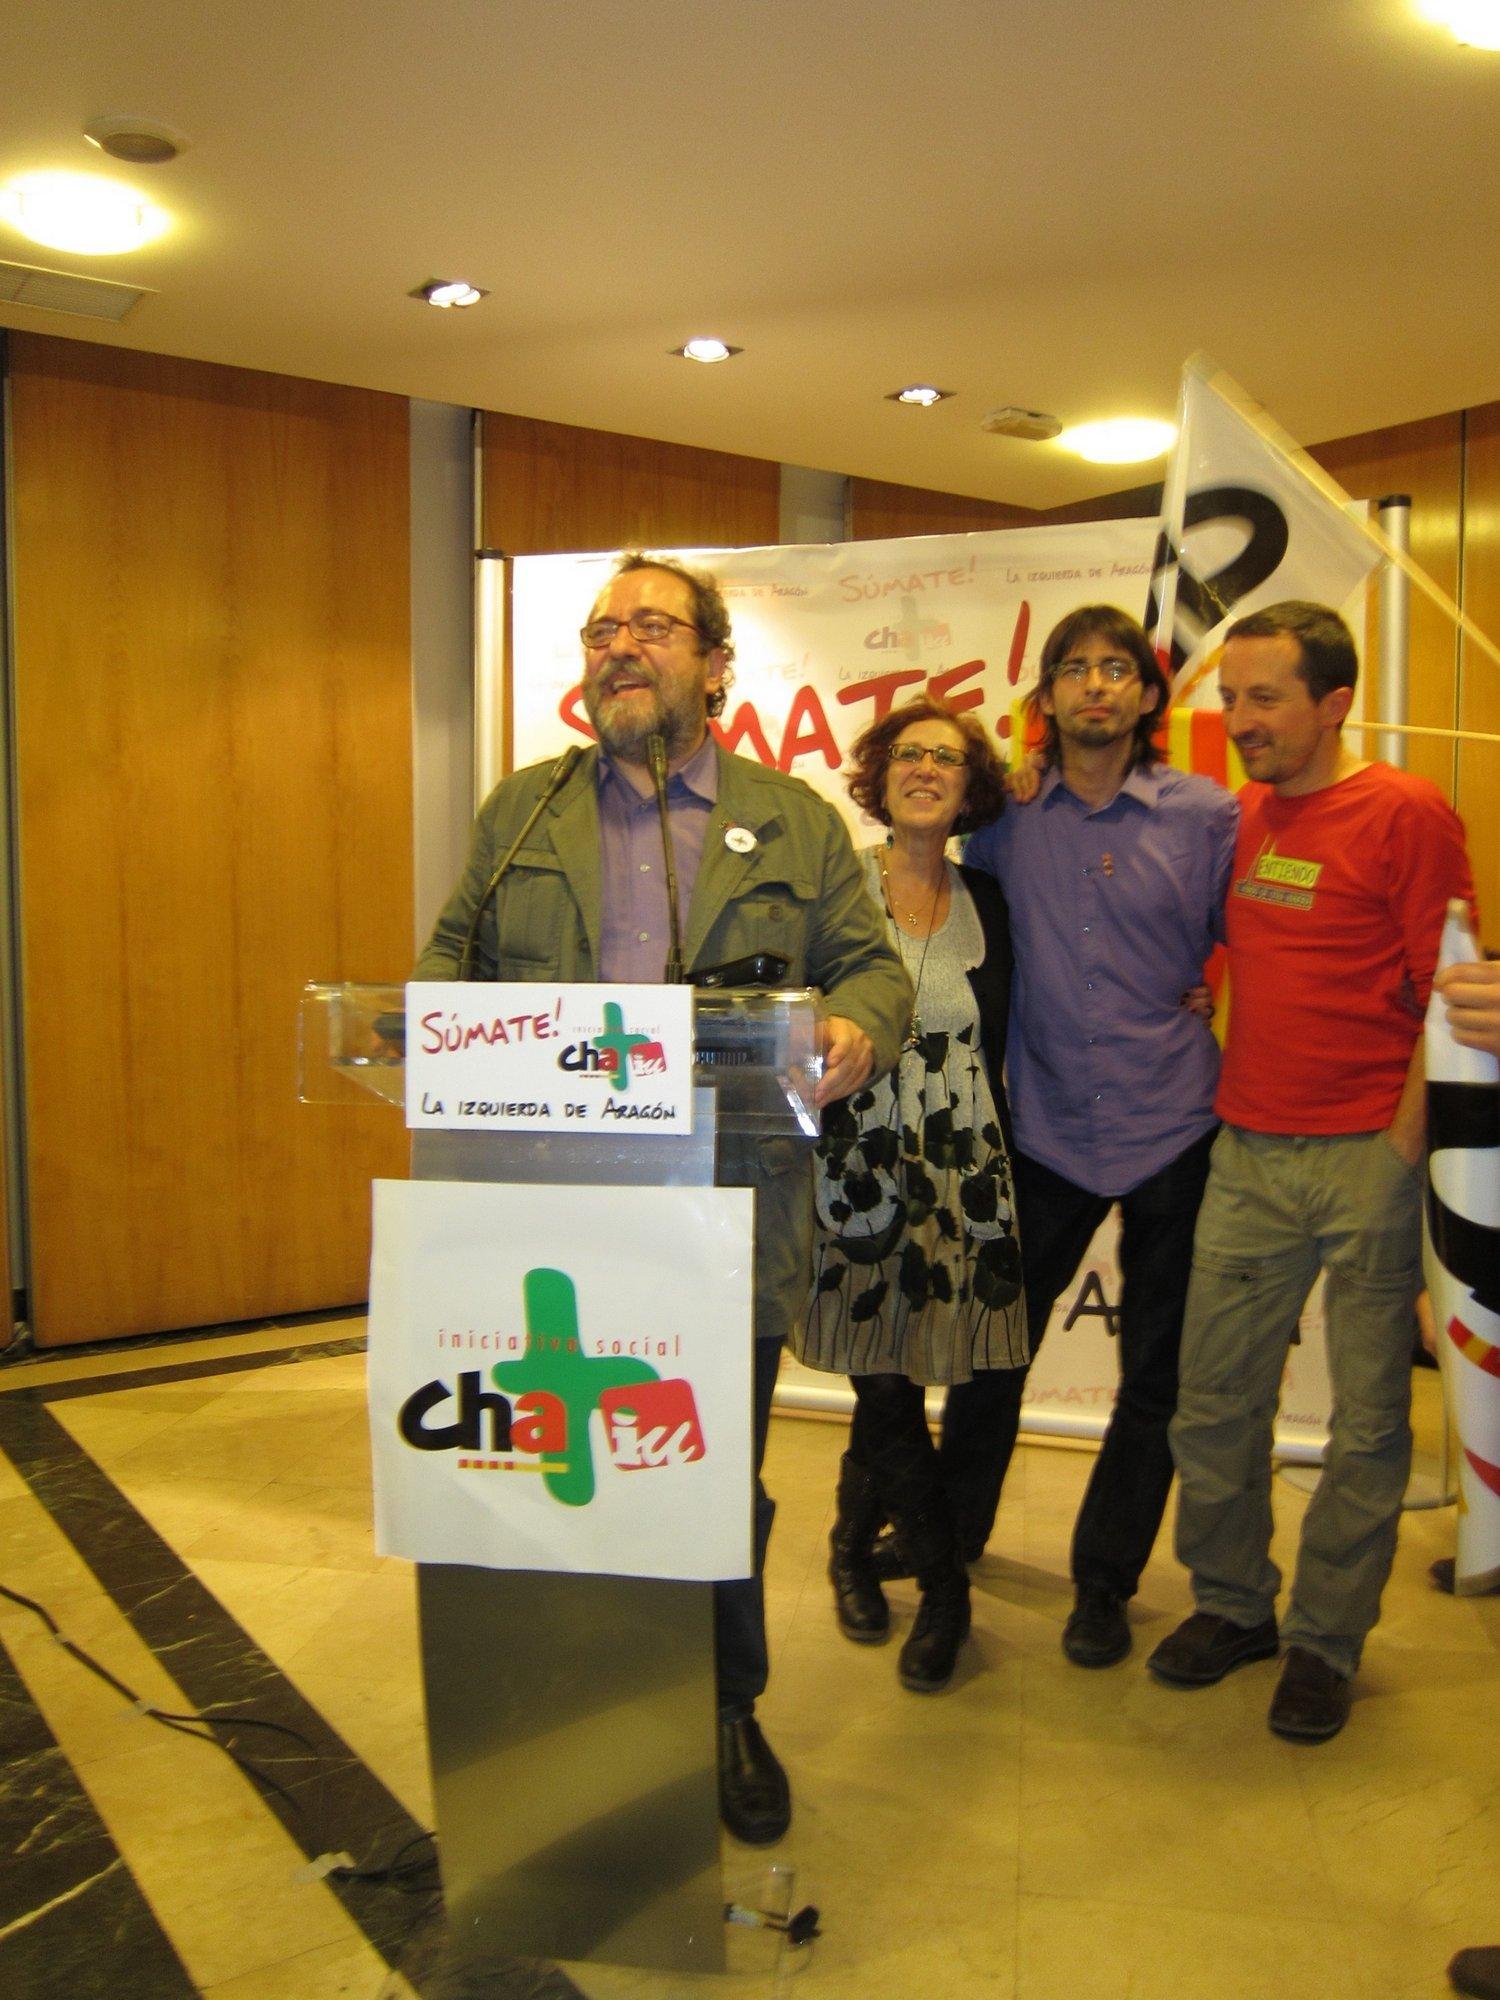 La Iniciativa Social trabaja en un protocolo para mantener la coalición de La izquierda de Aragón